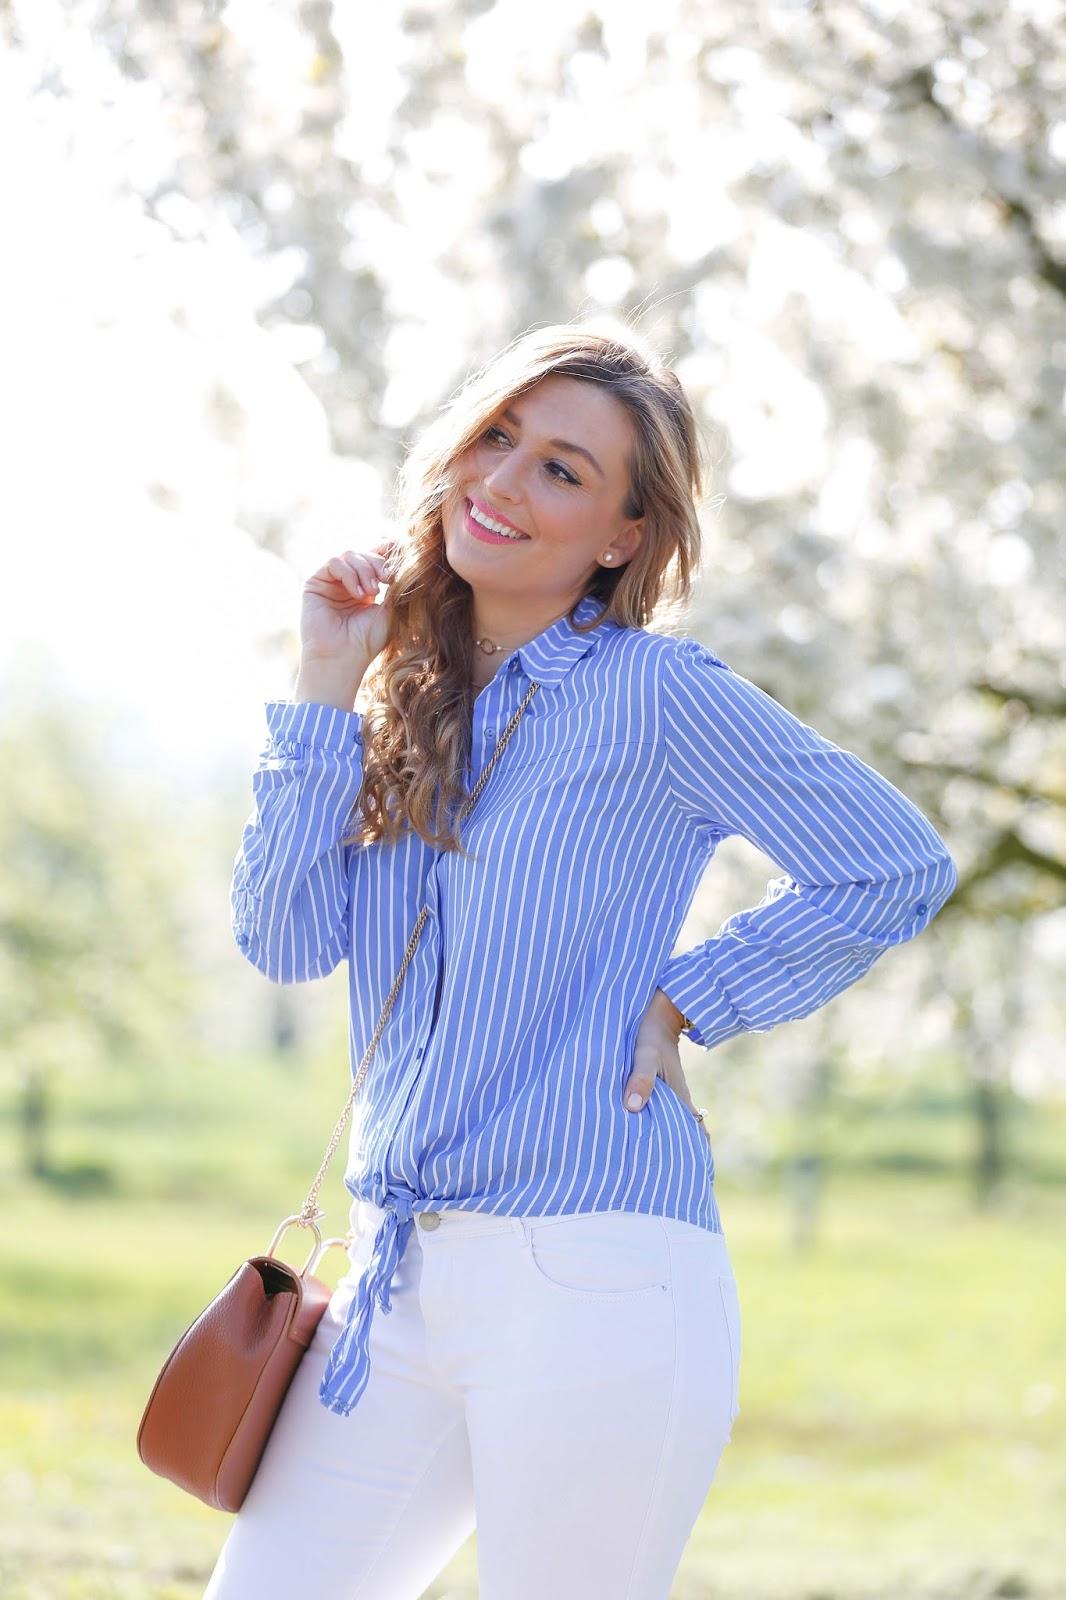 chloe-drew-bag-blogger-aus-deutschland-fashionstylebyjohanna-wie-kombiniere-ich-eine-weiße-jeans